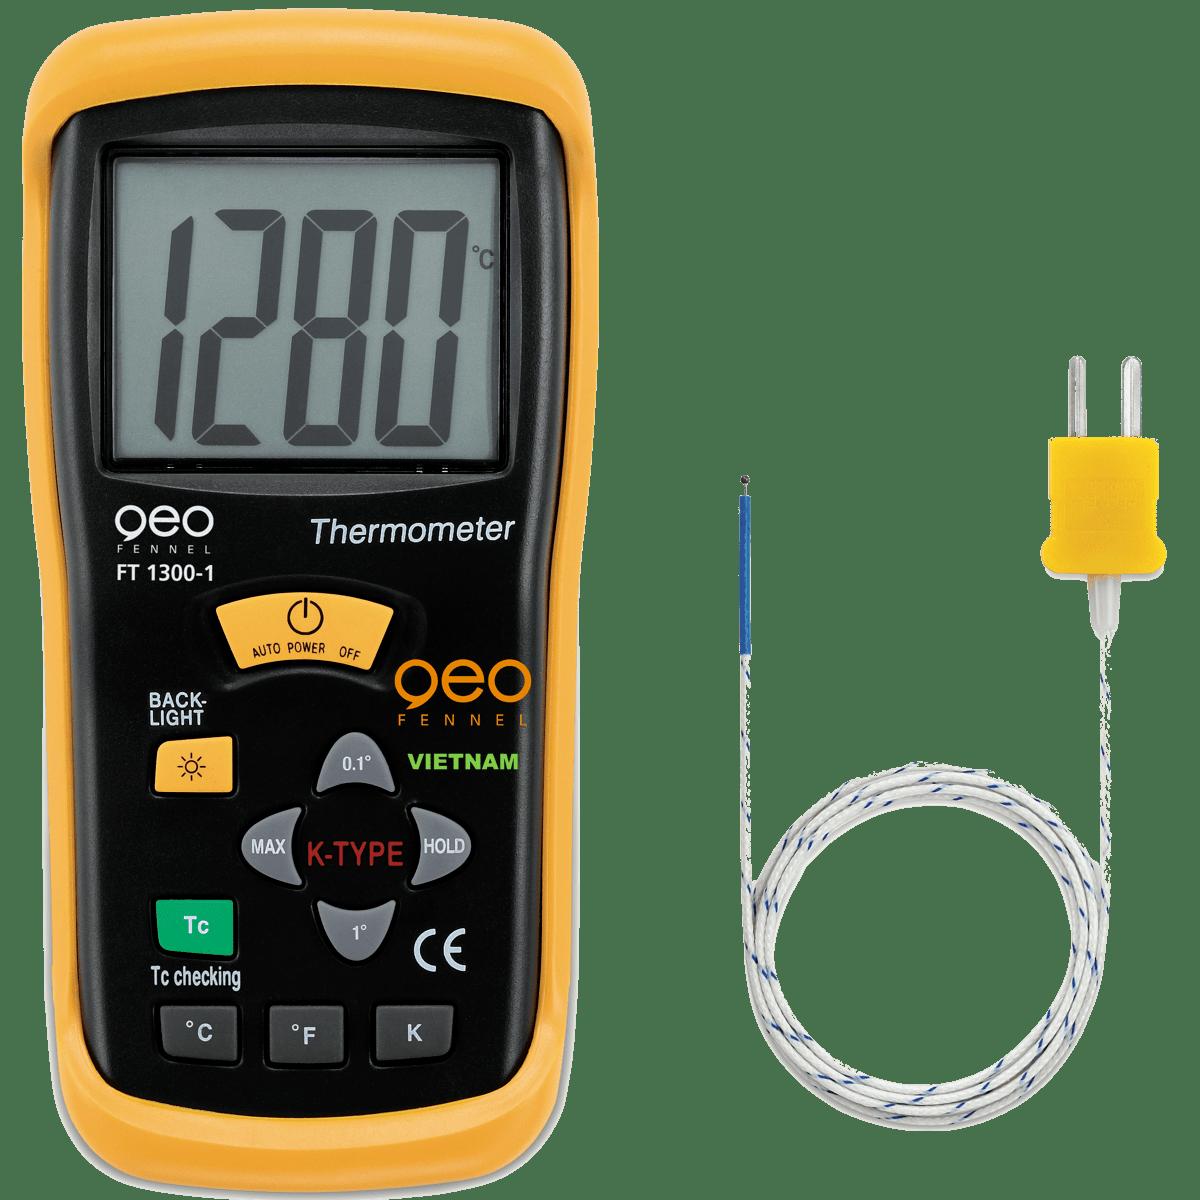 Máy đo nhiệt độ tiếp xúc FT1300-1 | GEO-Fennel Vietnam.